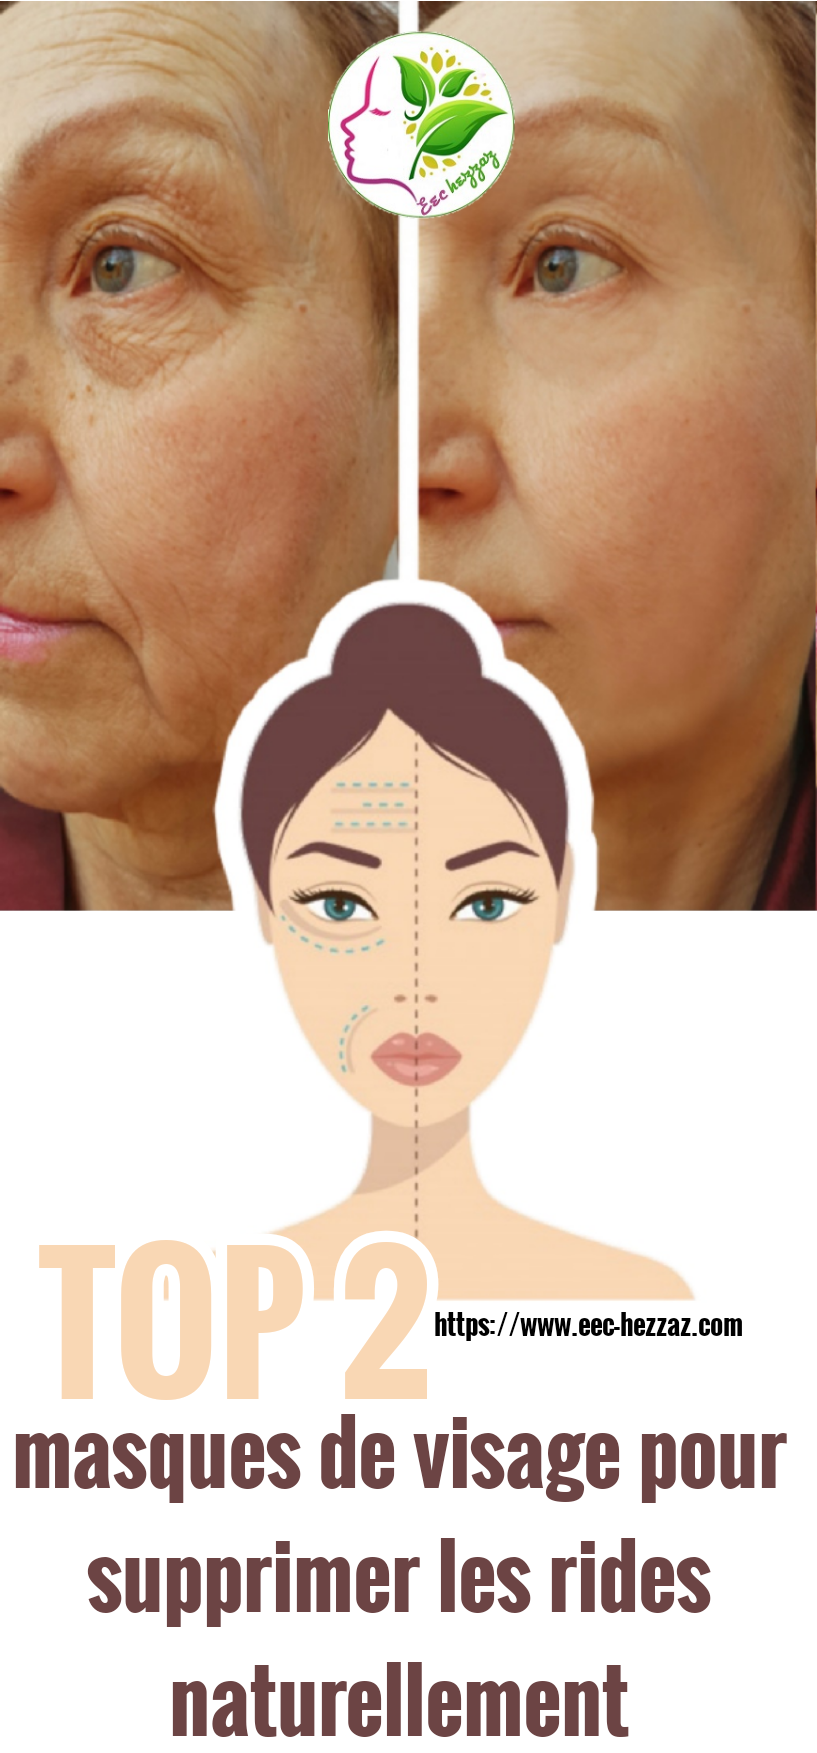 TOP 2 masques de visage pour supprimer les rides naturellement